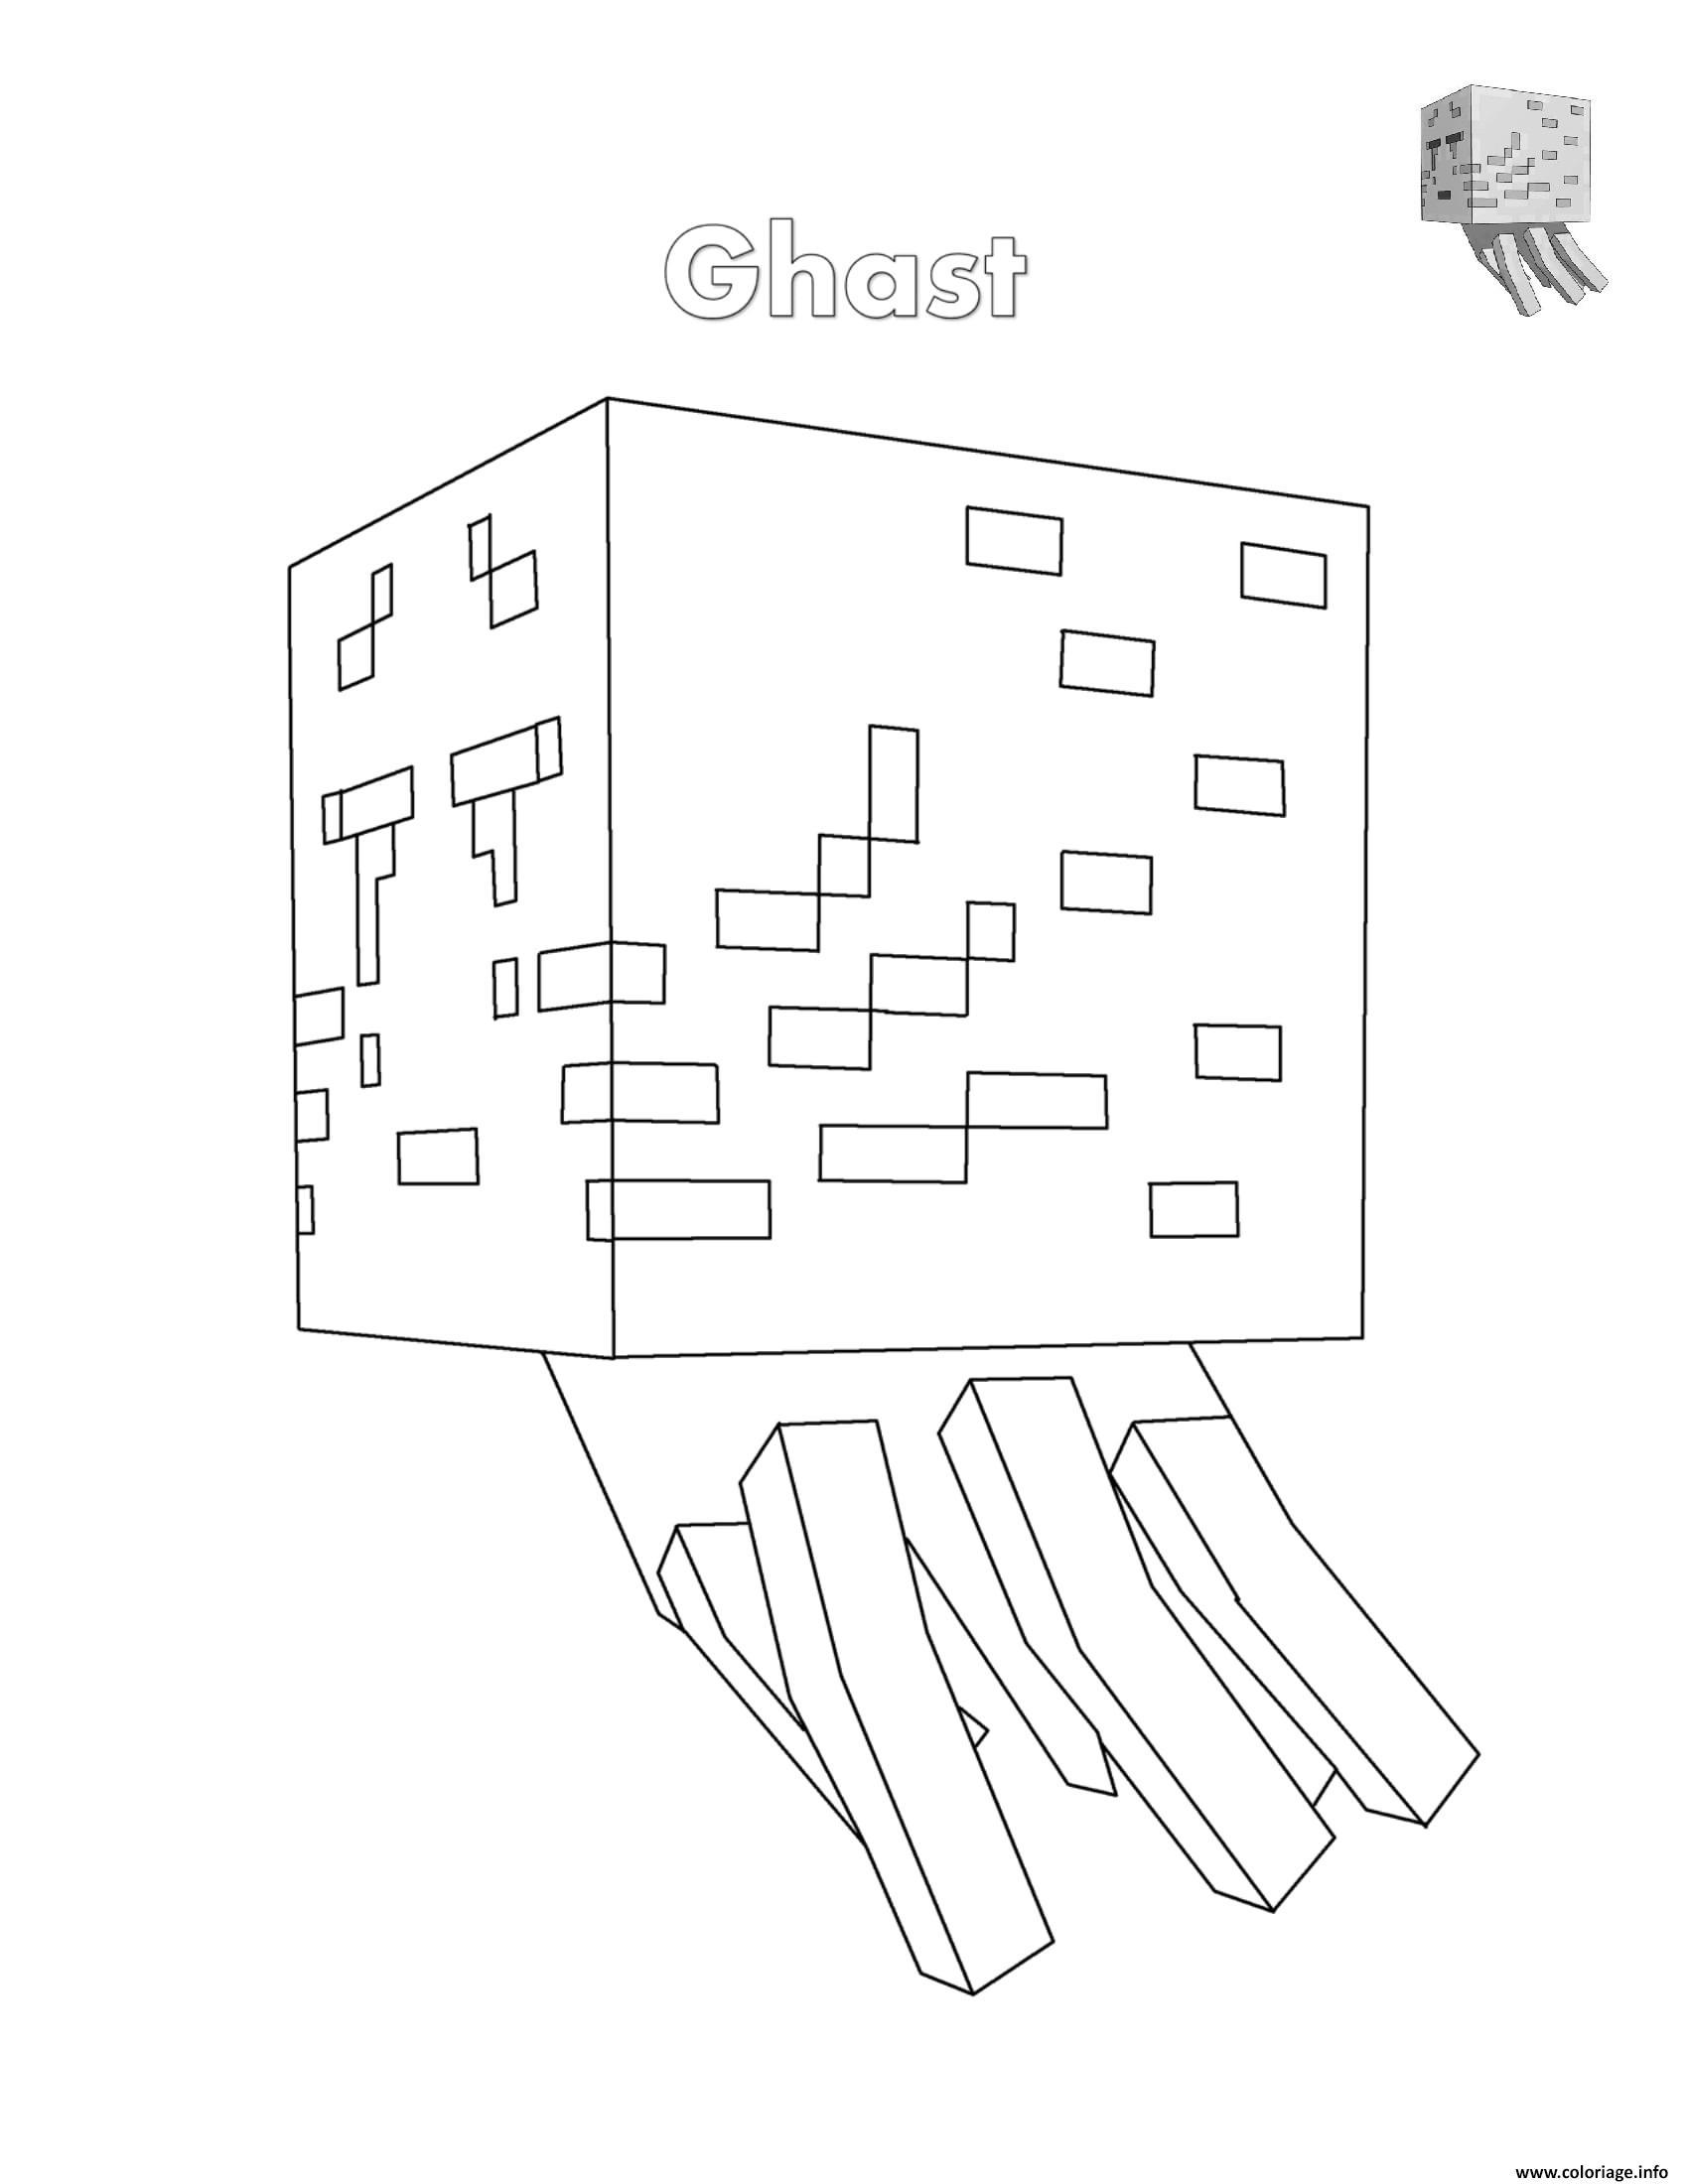 Dessin Ghast minecraft fantome Coloriage Gratuit à Imprimer